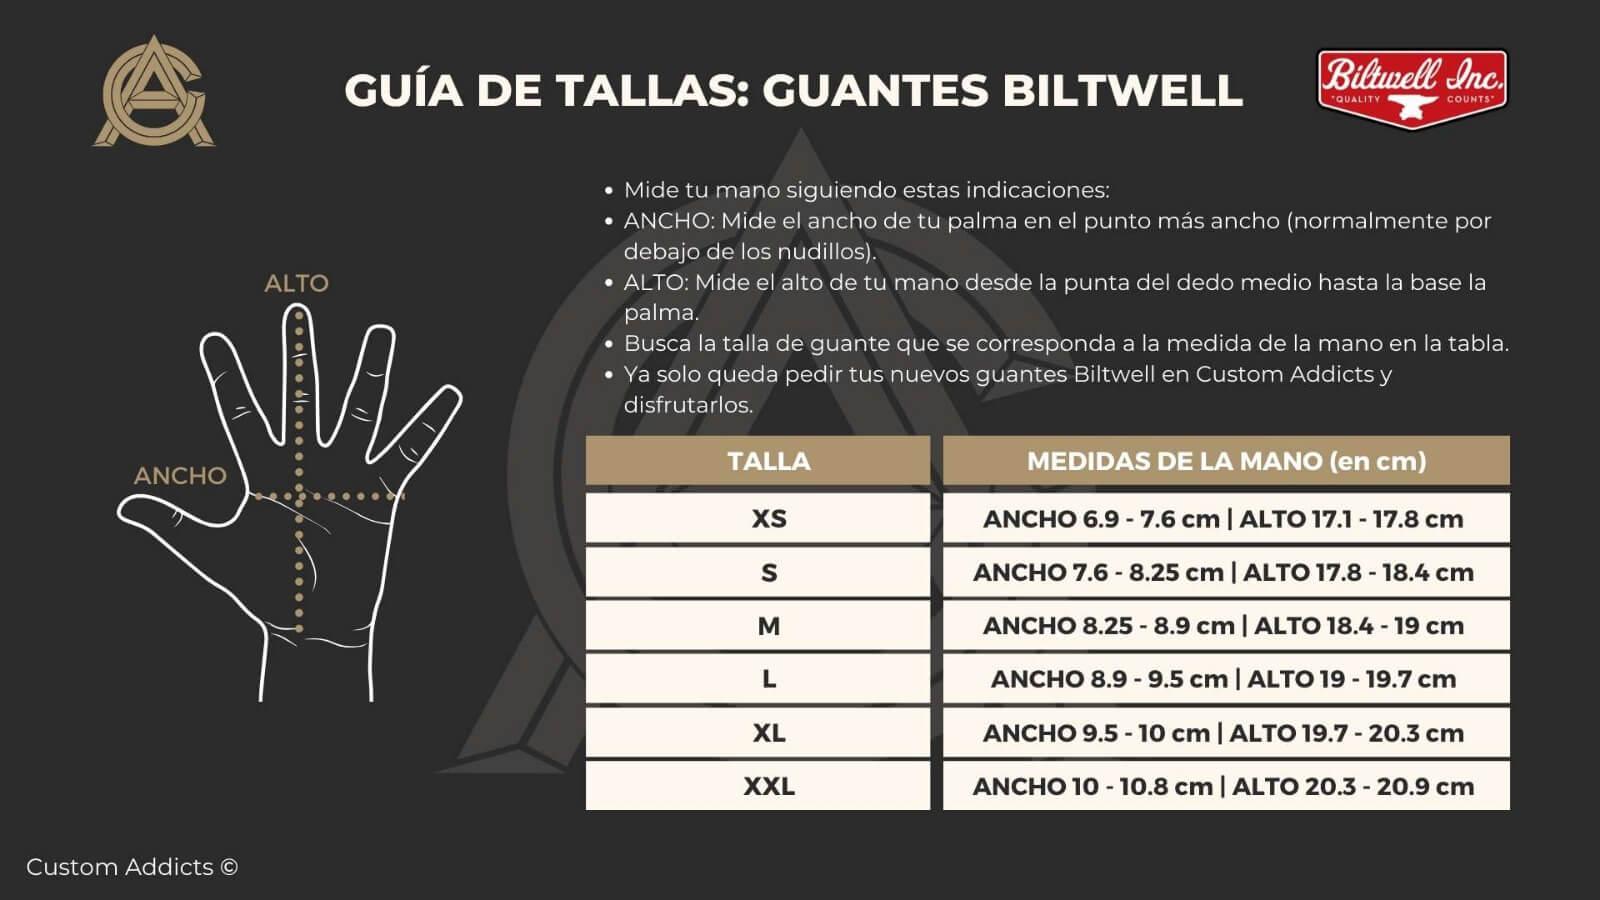 Guía de tallas para guantes Biltwell